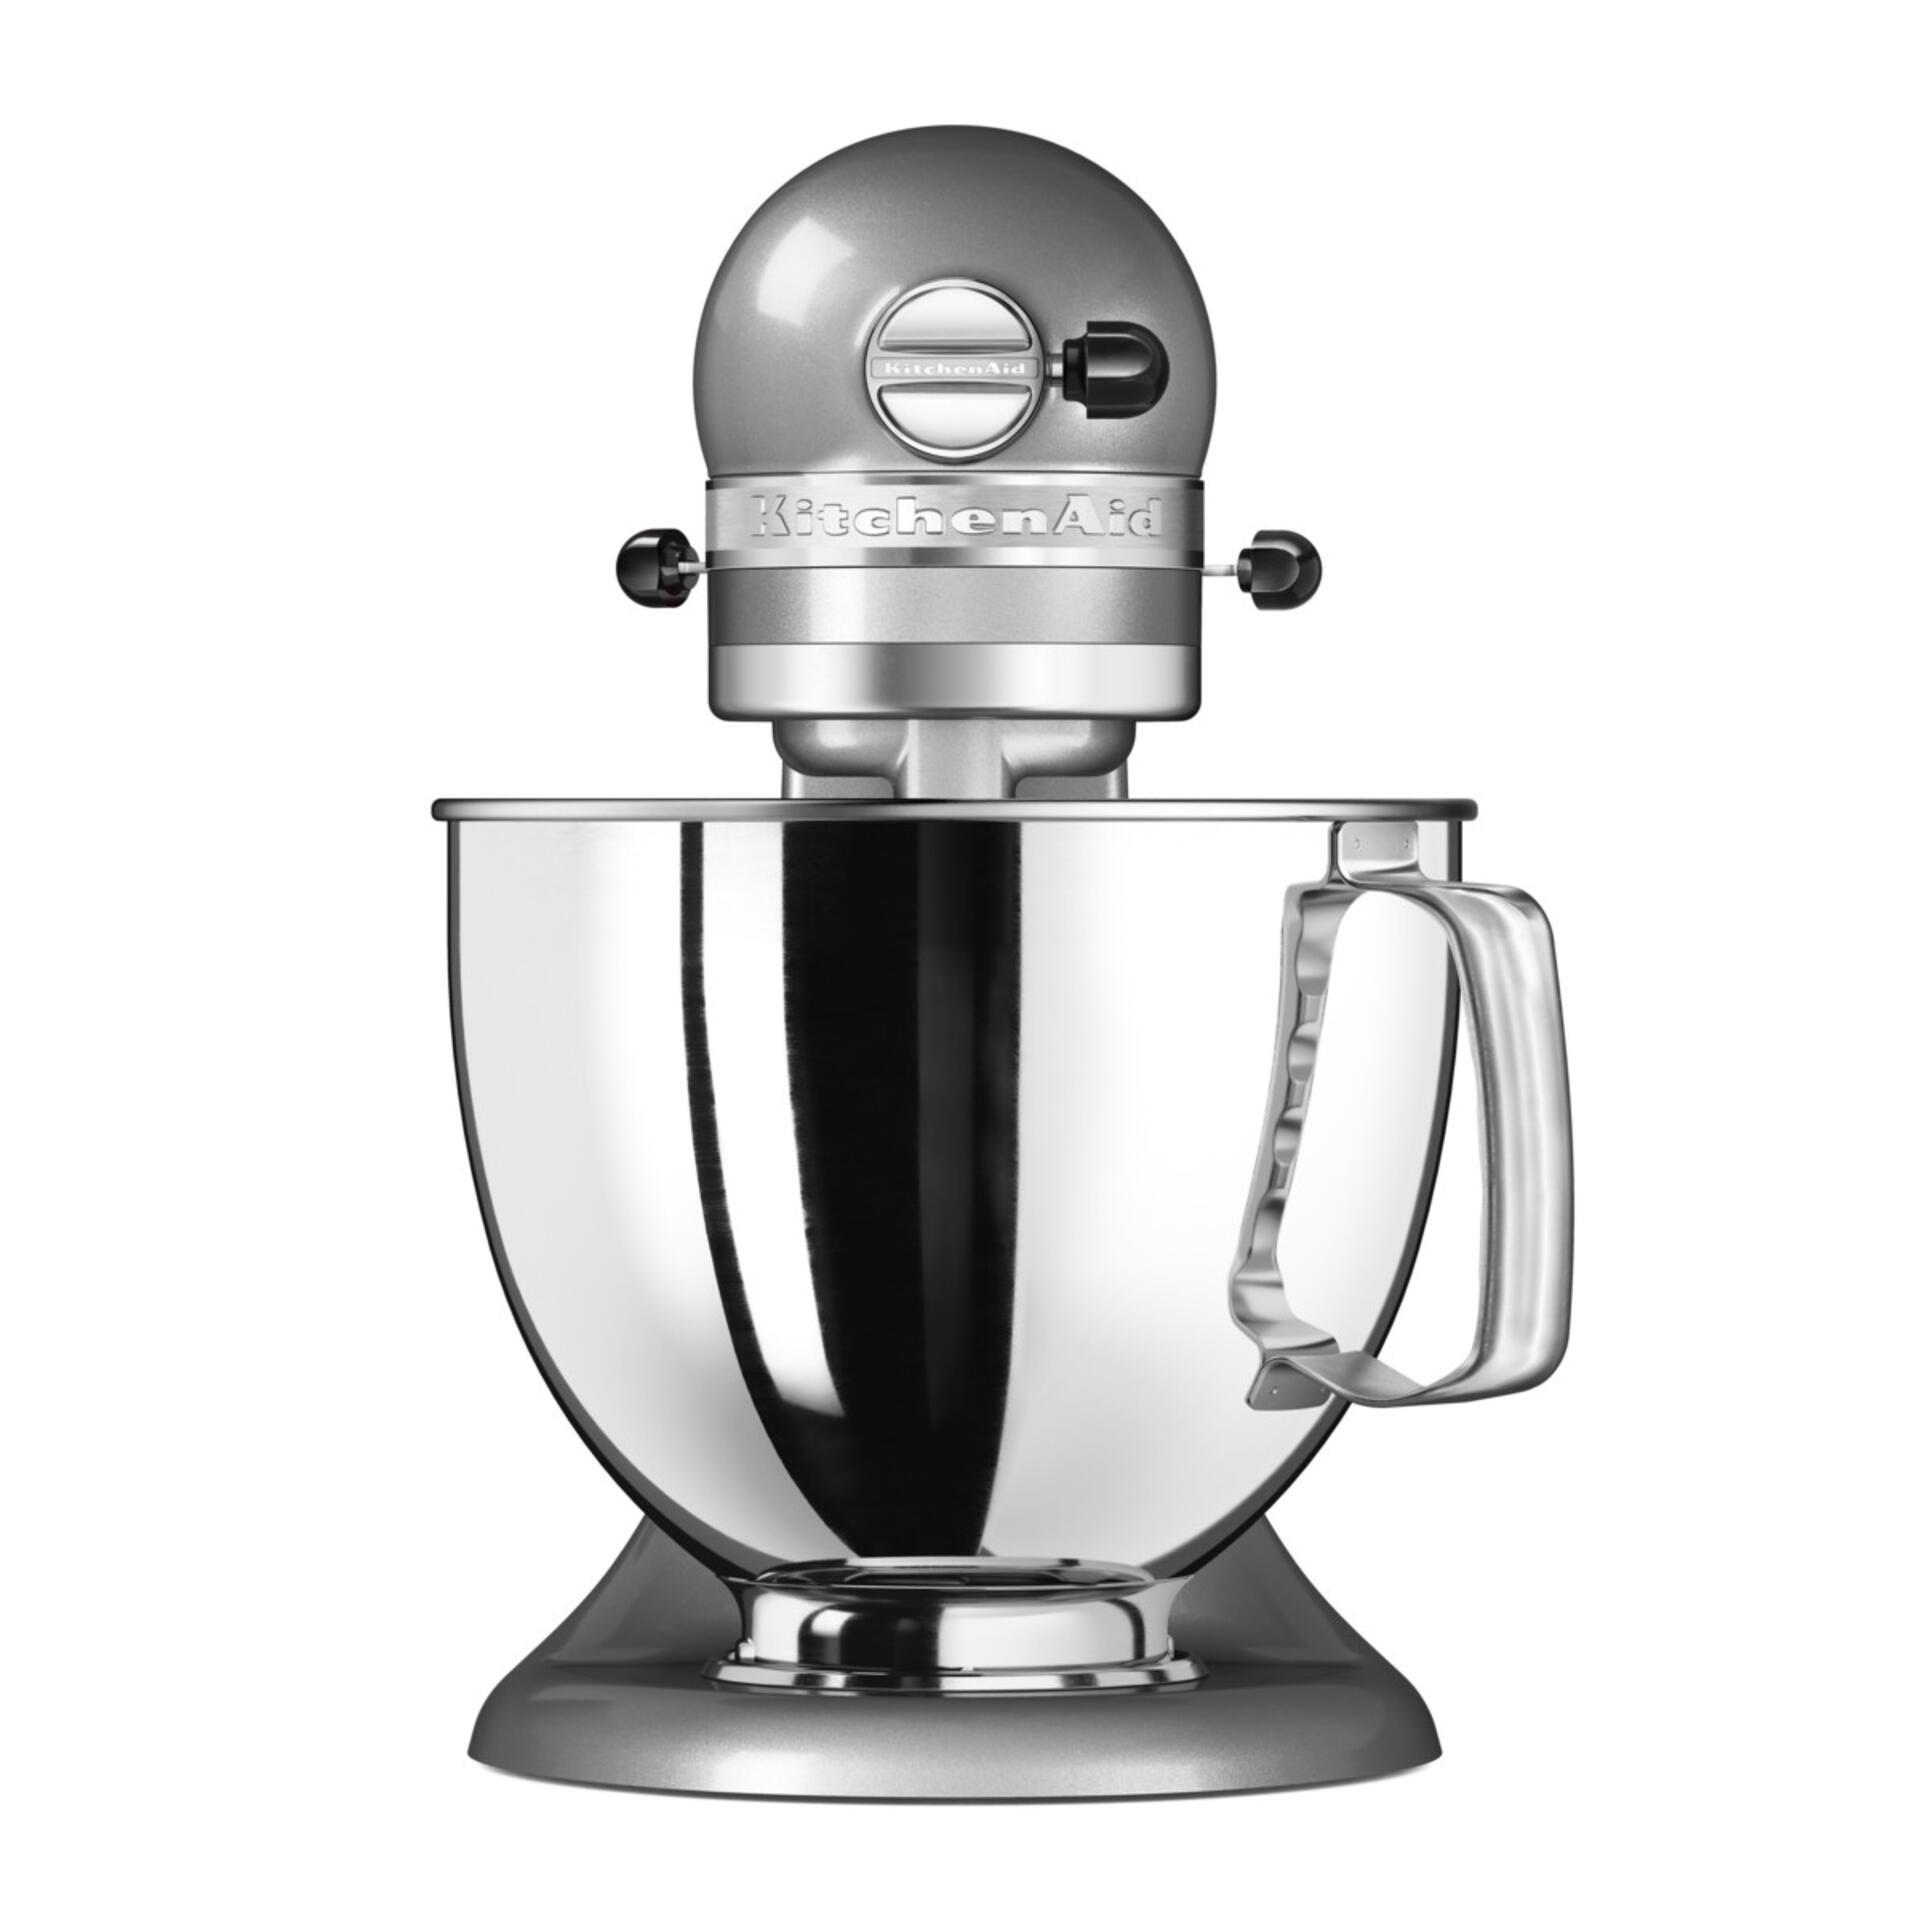 Kitchenaid Küchenmaschine Kontur Silber 5KSM175PSECU